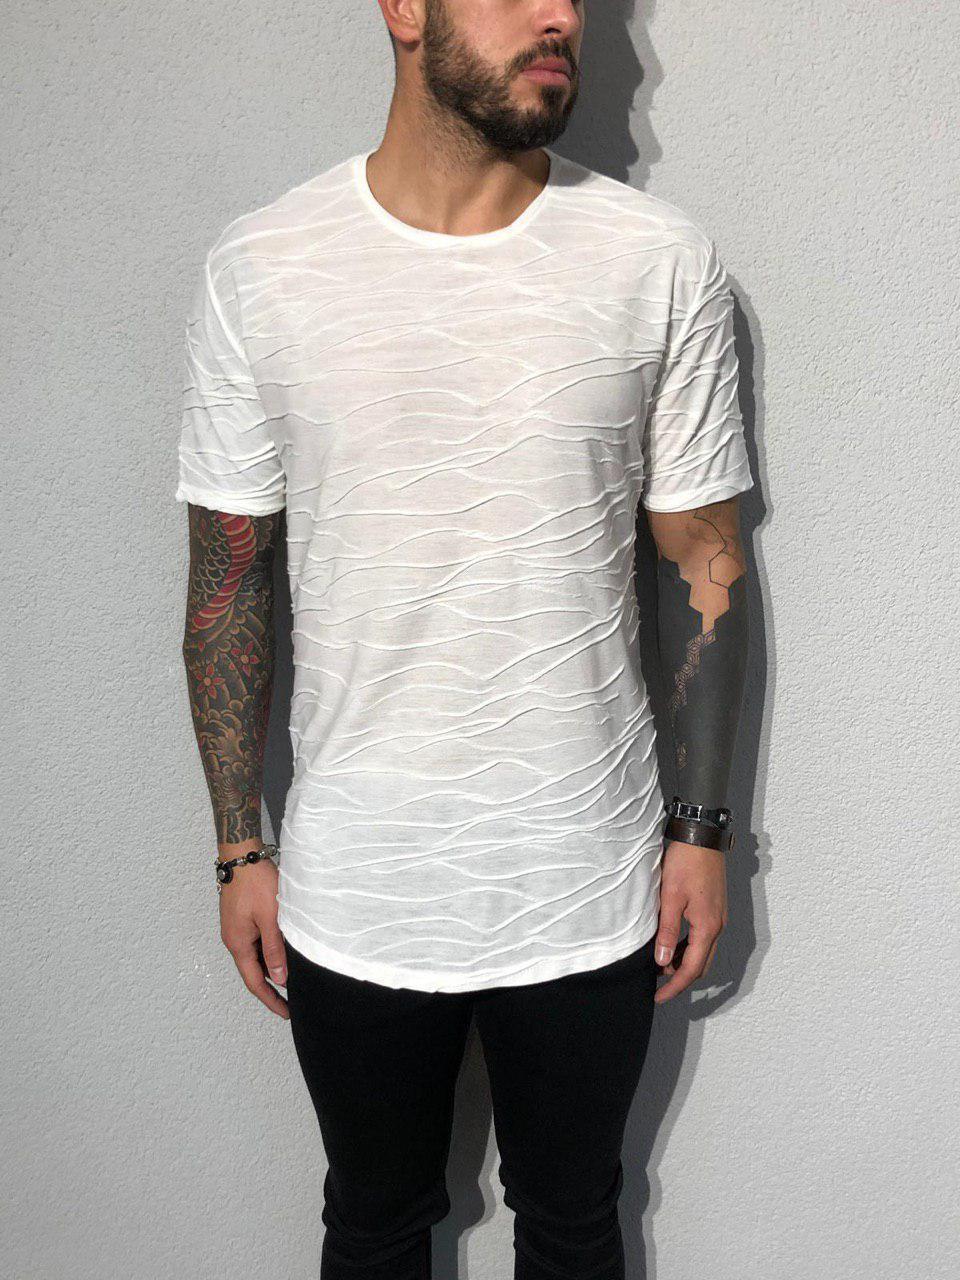 c3ecdd74f717 Мужская футболка белая ADA1926, цена 459 грн., купить в Киеве — Prom ...